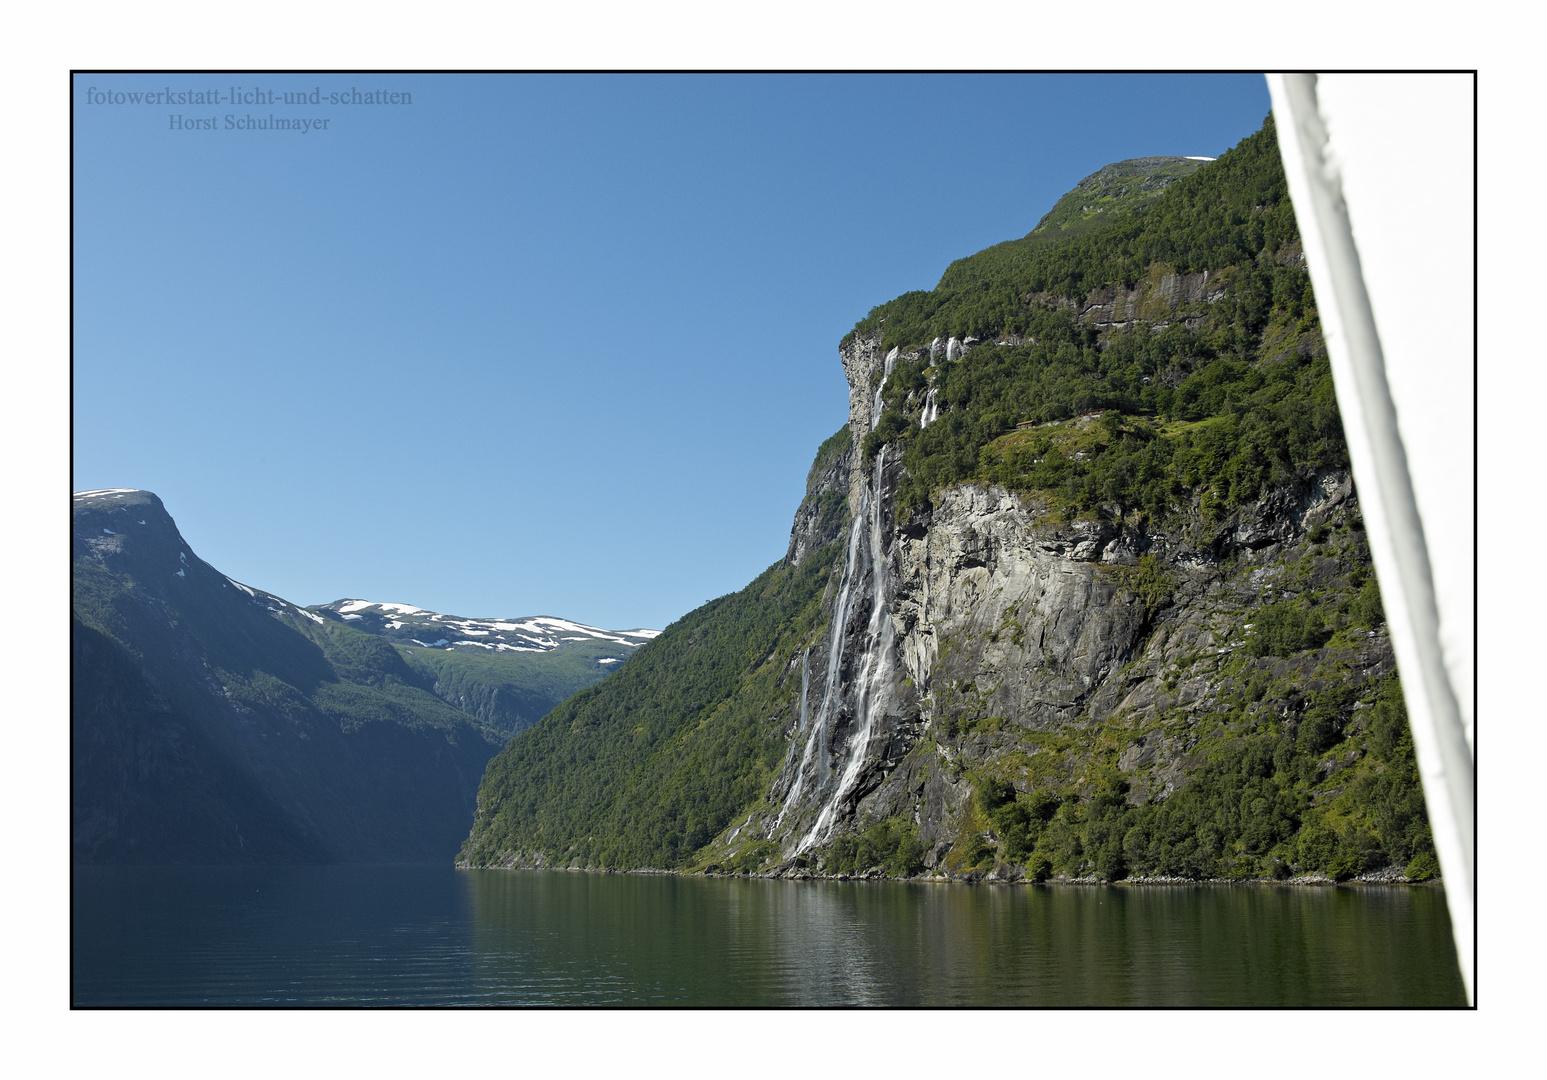 Die sieben Schwestern - Geirangerfjord, Norwegen